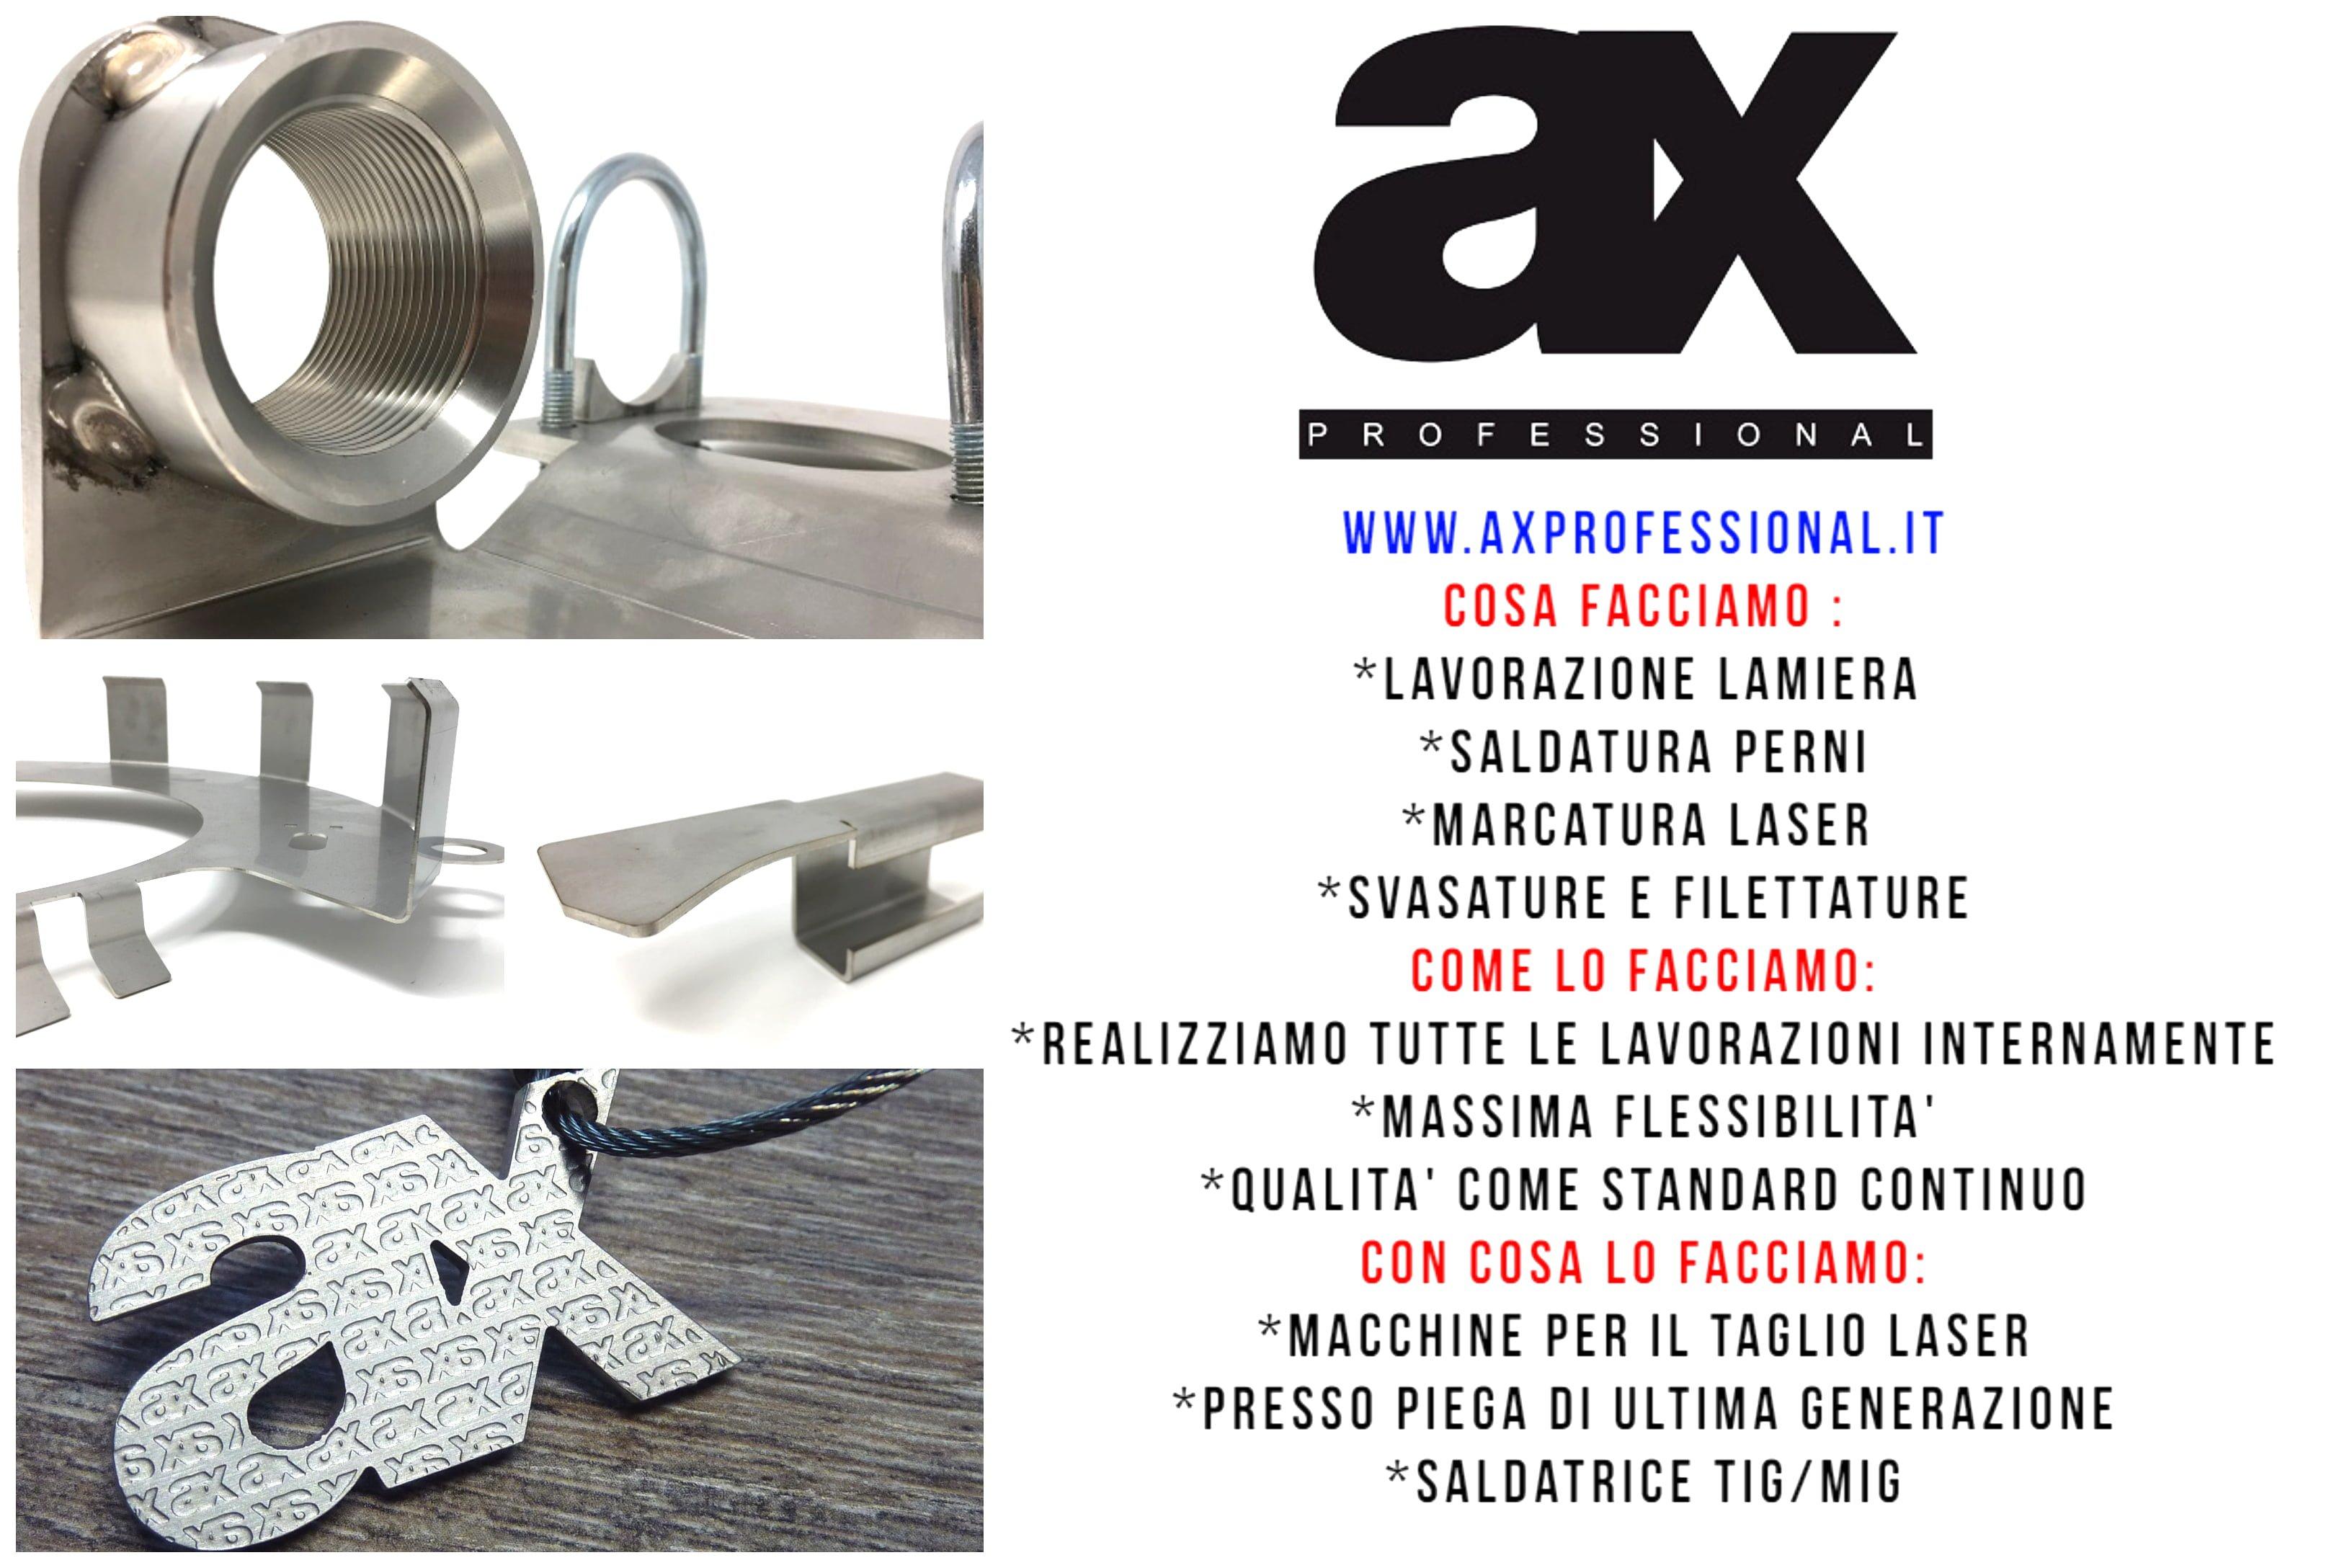 Elenco servizi taglio laser AX PROFESSIONAL